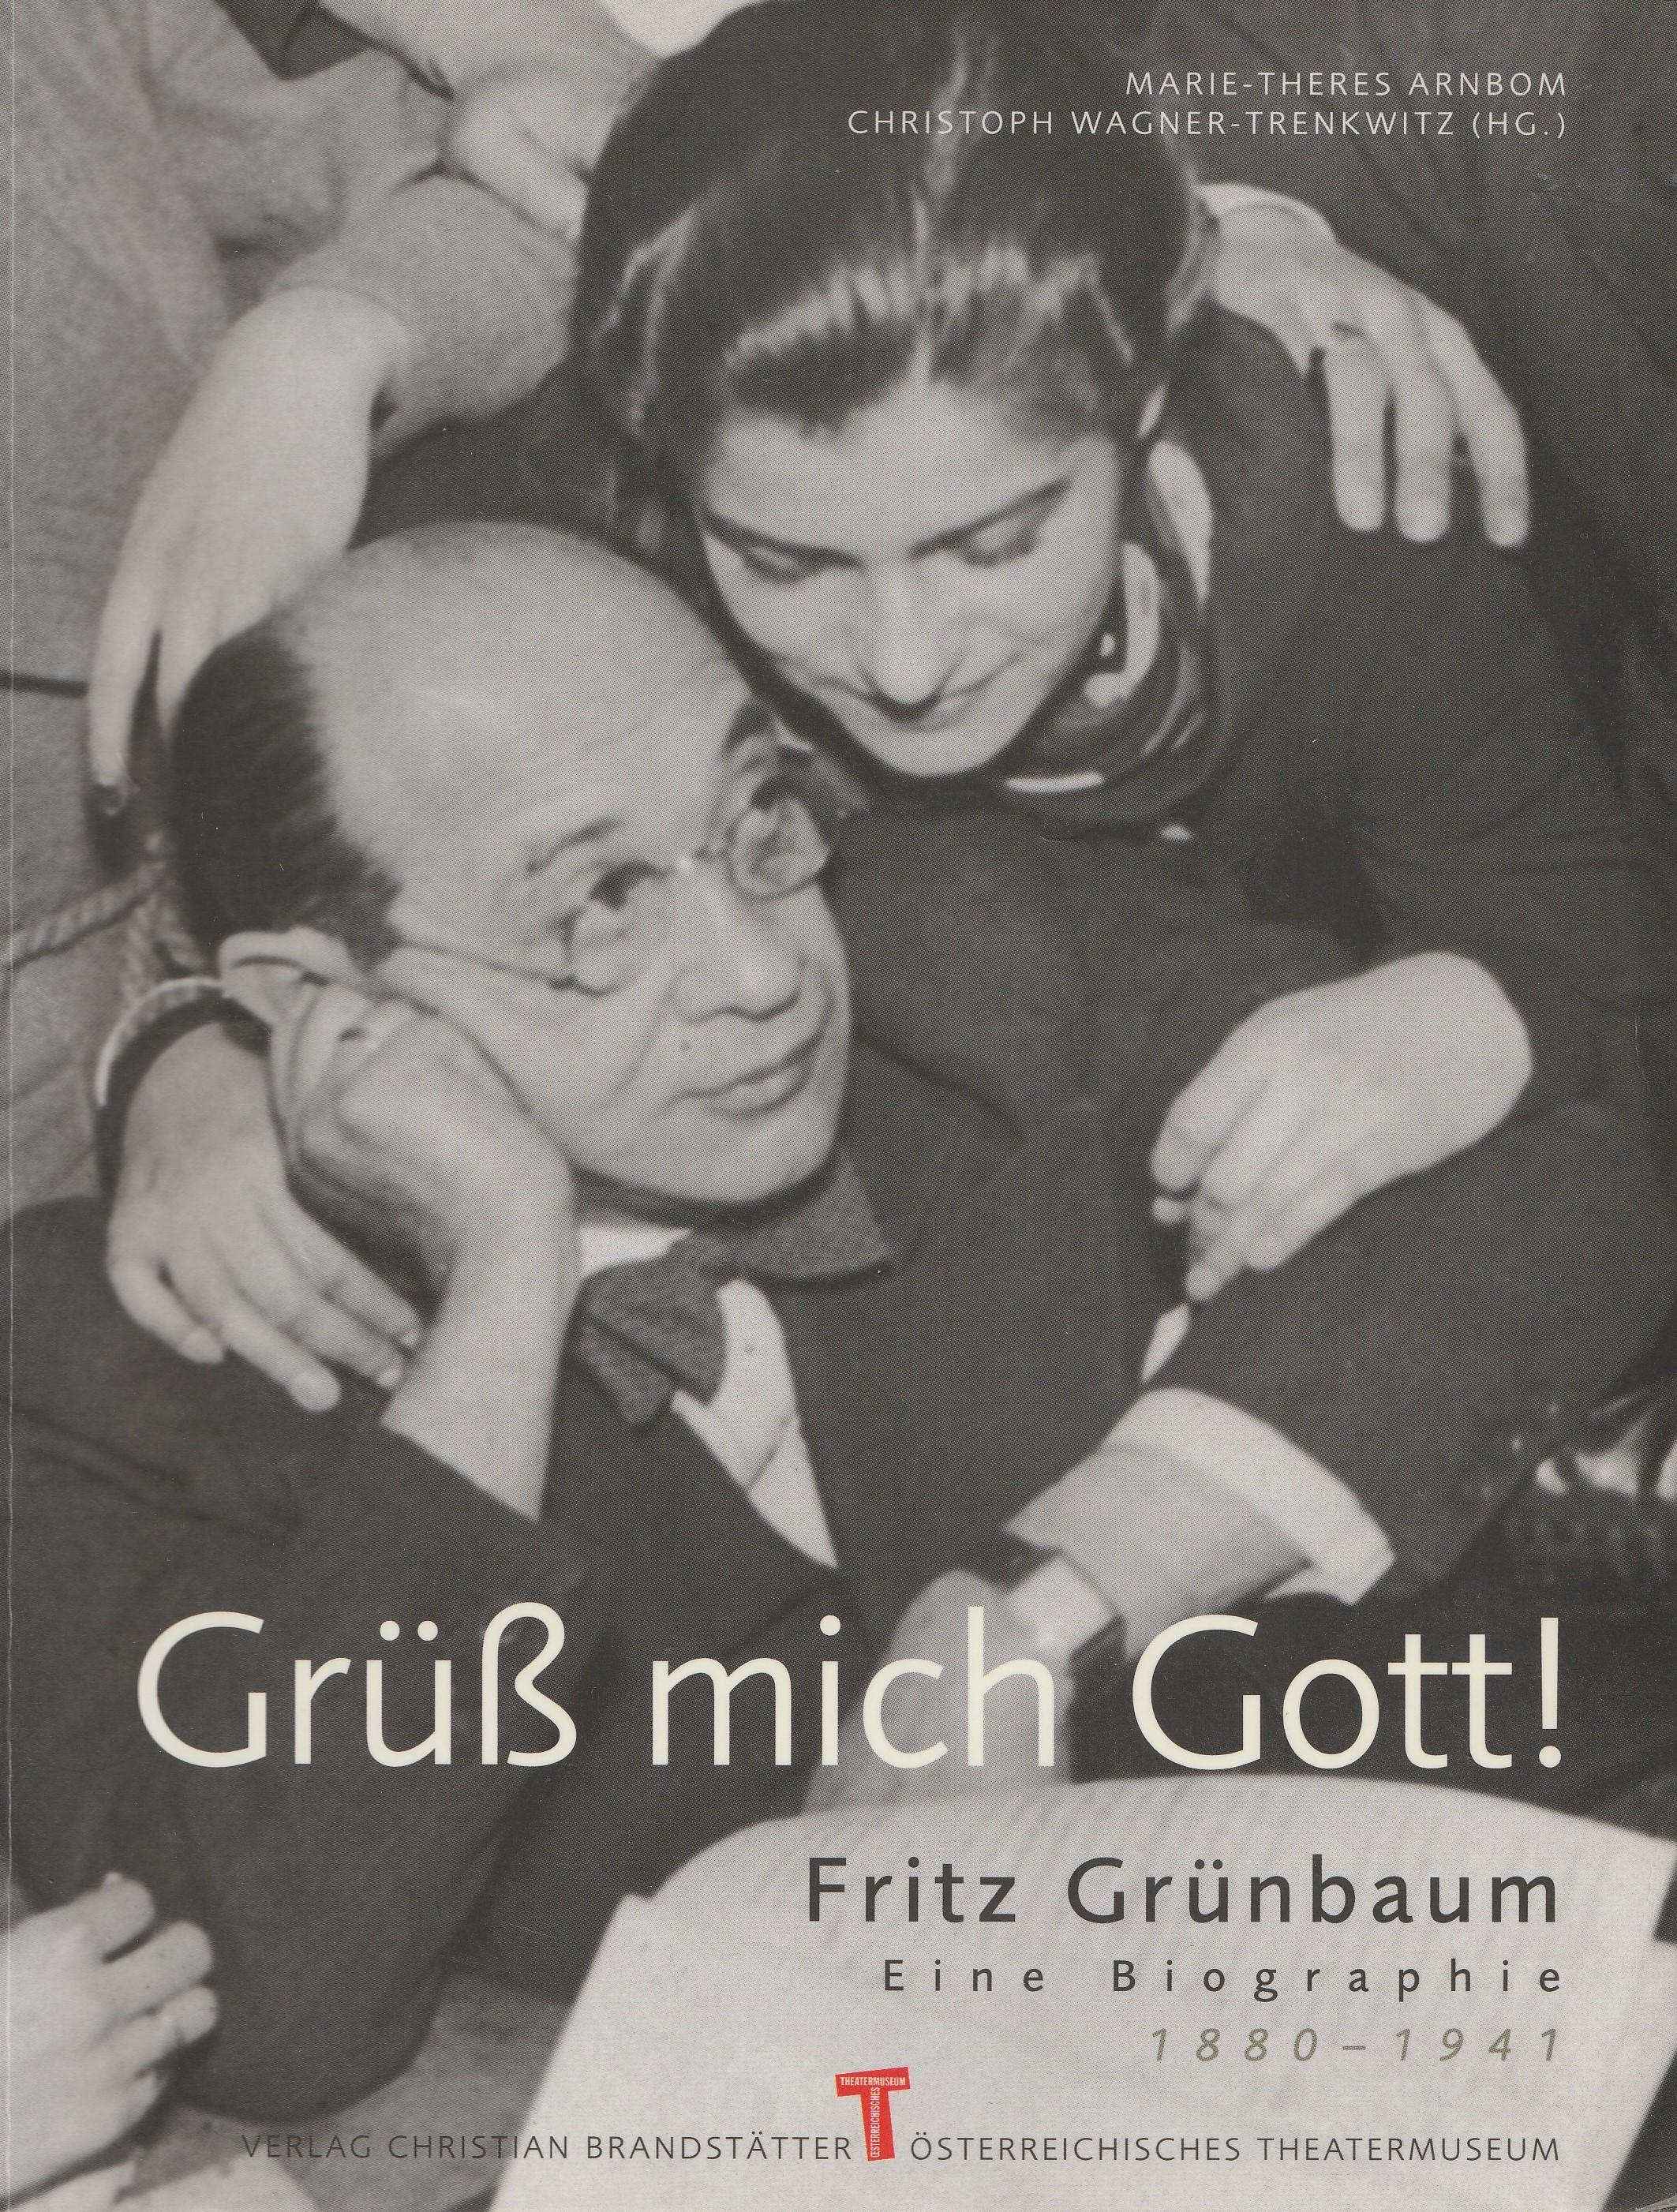 Plakat Grüss mich Gott - Fritz Grünbaum